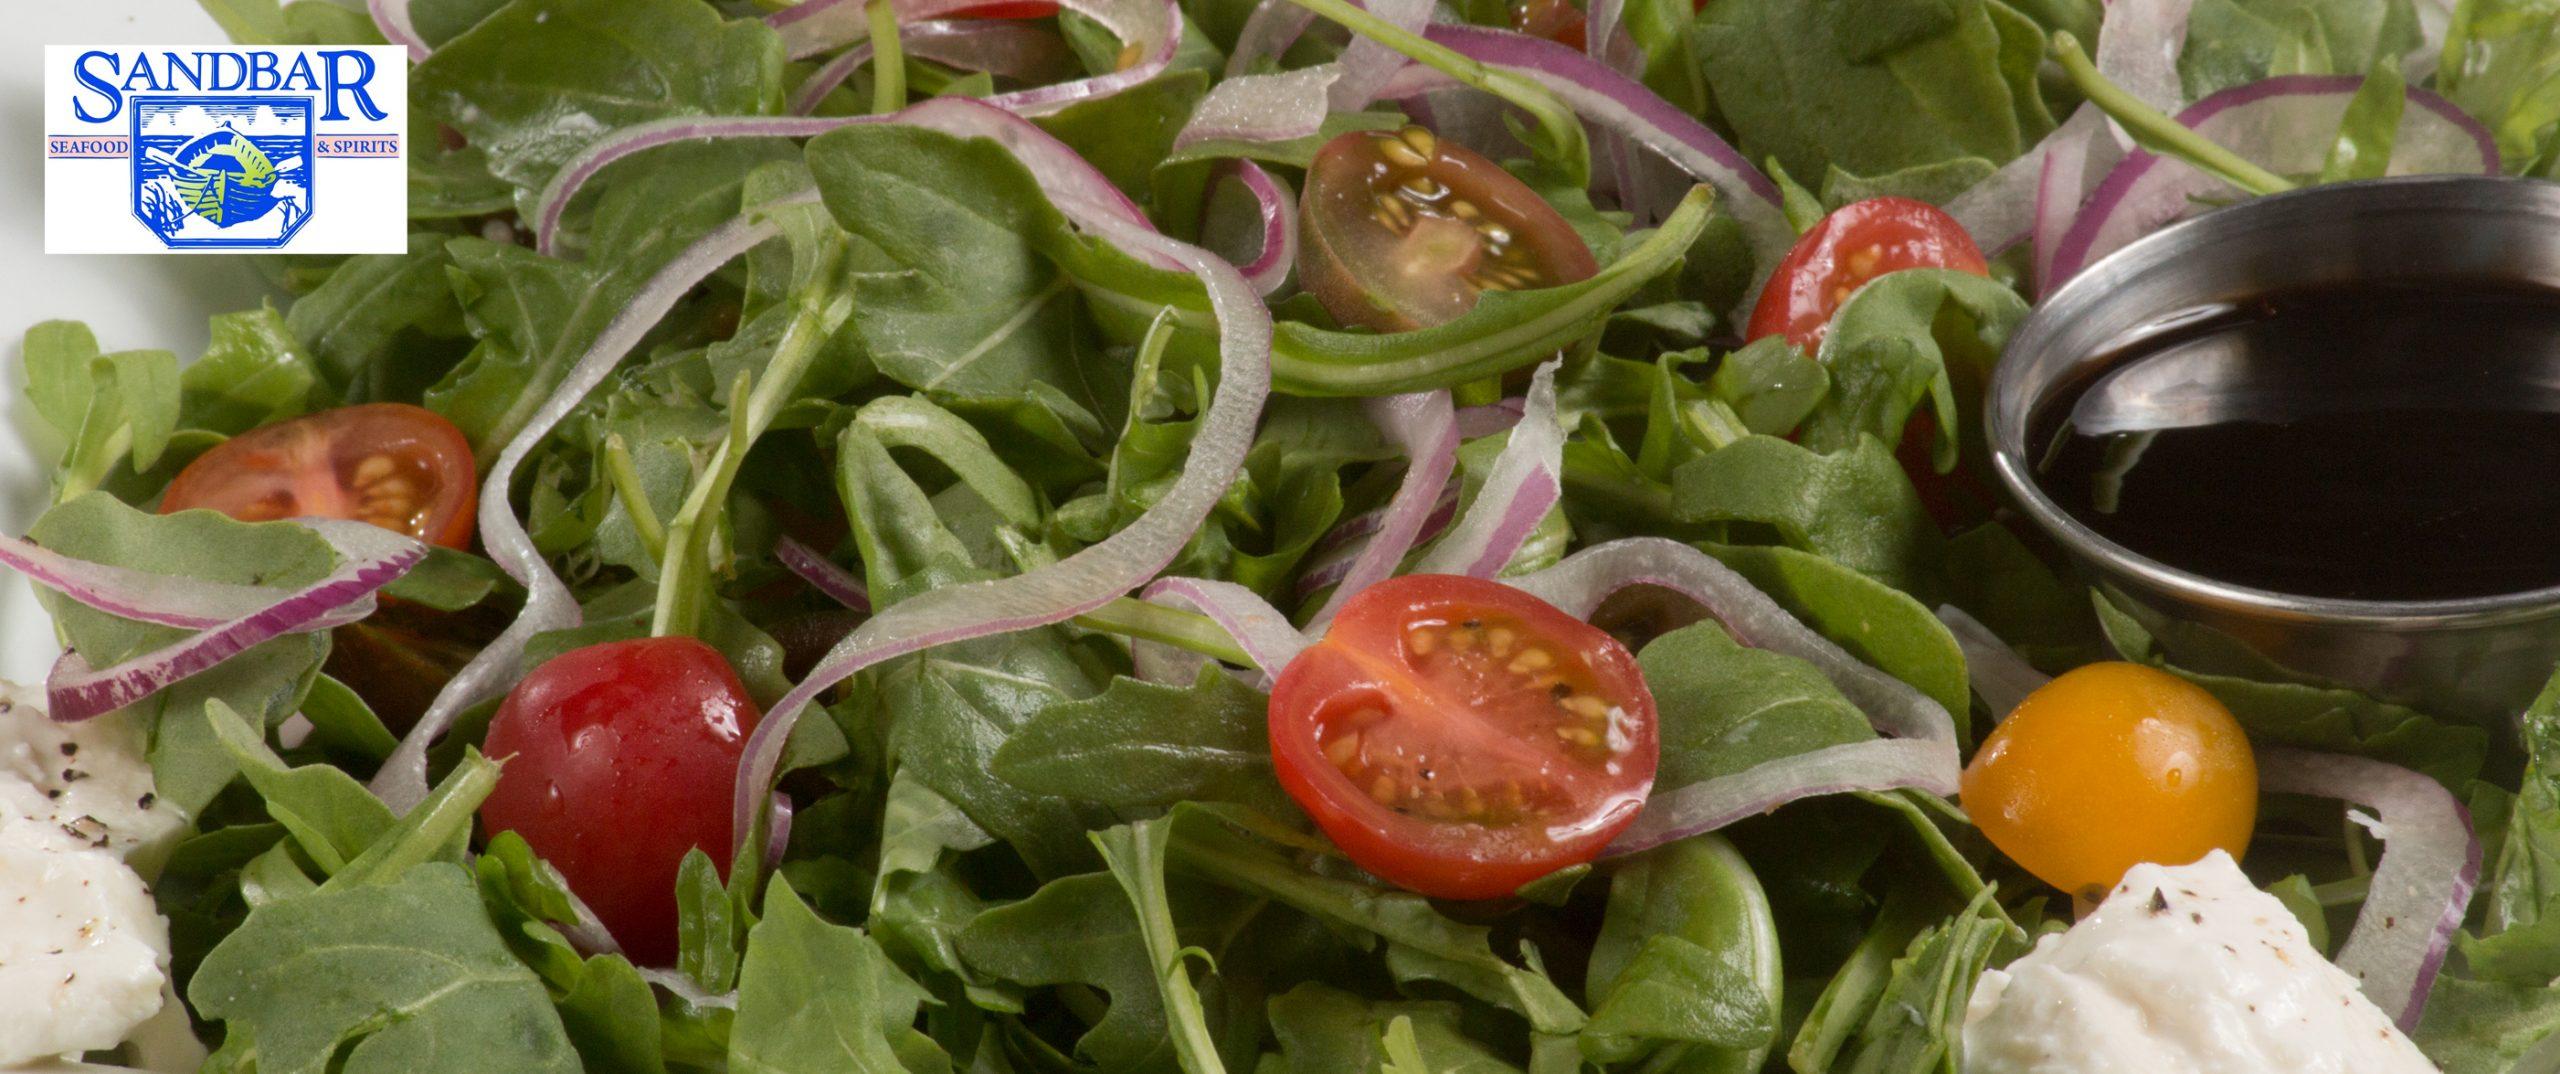 foodspurlinphoto02